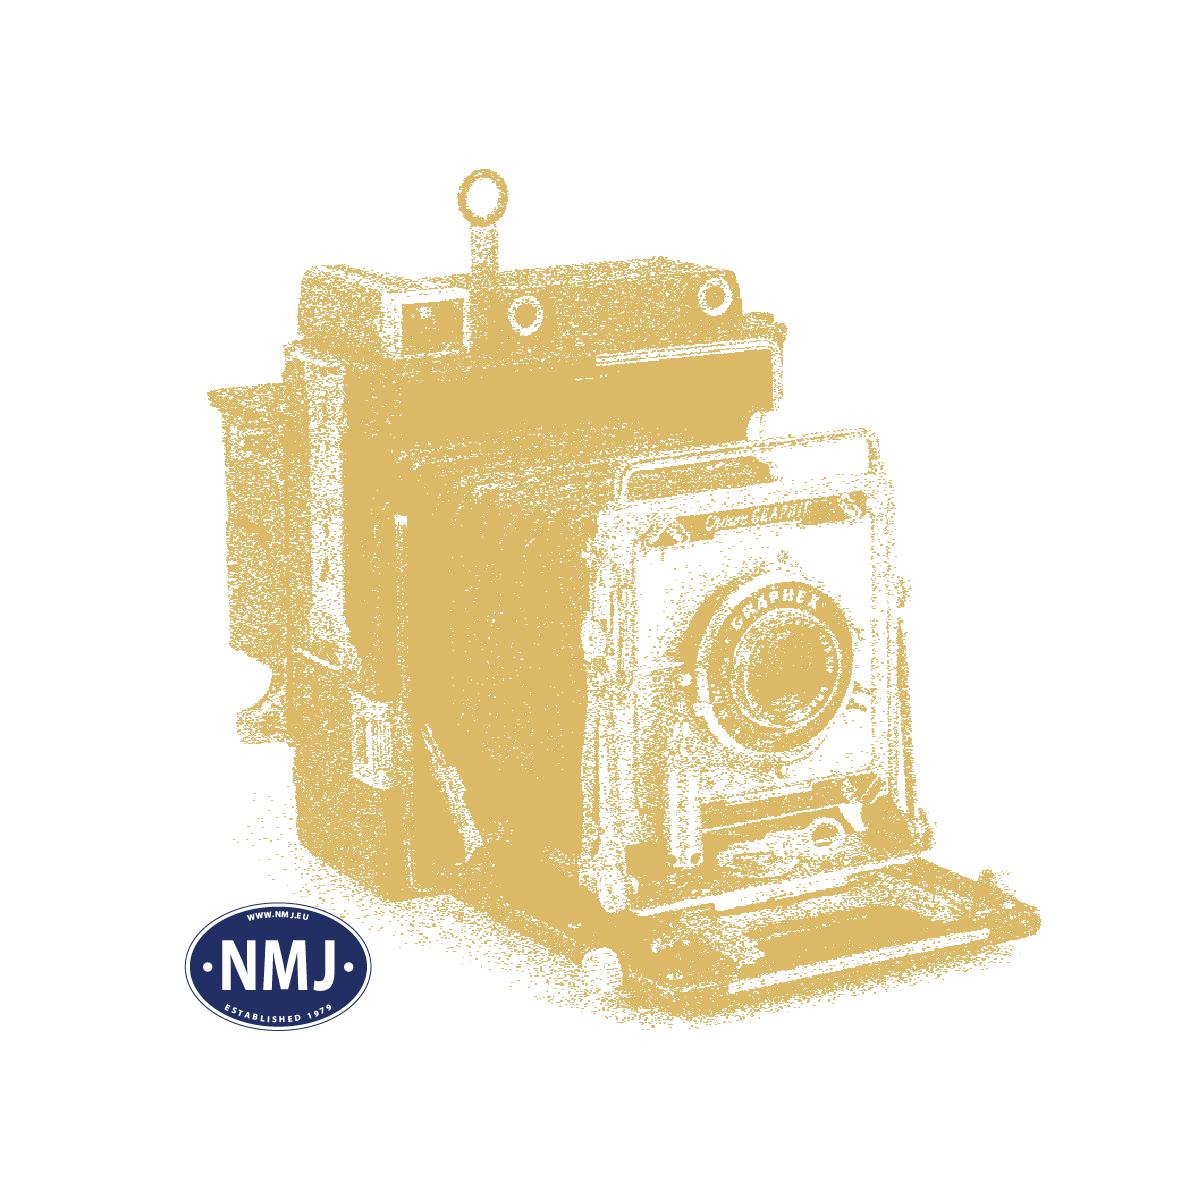 """NOC17004 - """"Industri"""", Byggesett og funksjonsmodeller med LED lys, Spesialpakke"""